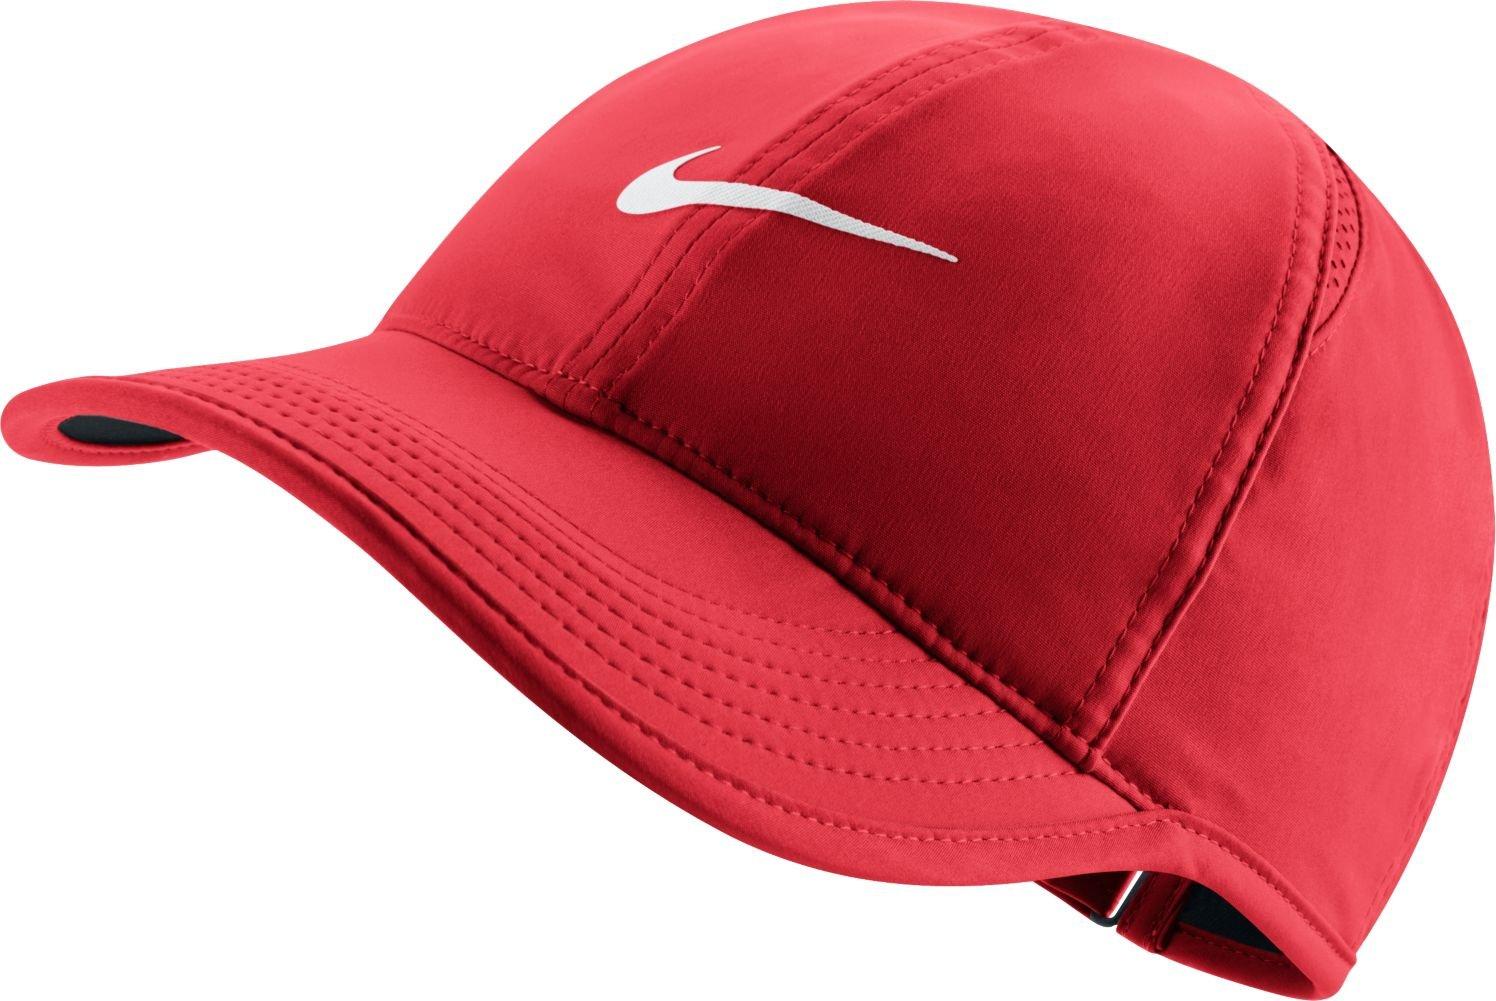 ナイキ(NIKE) ウィメンズ フェザーライト キャップ 679424 B010ED8W20 One Size|レッド(University Red) レッド(University Red) One Size